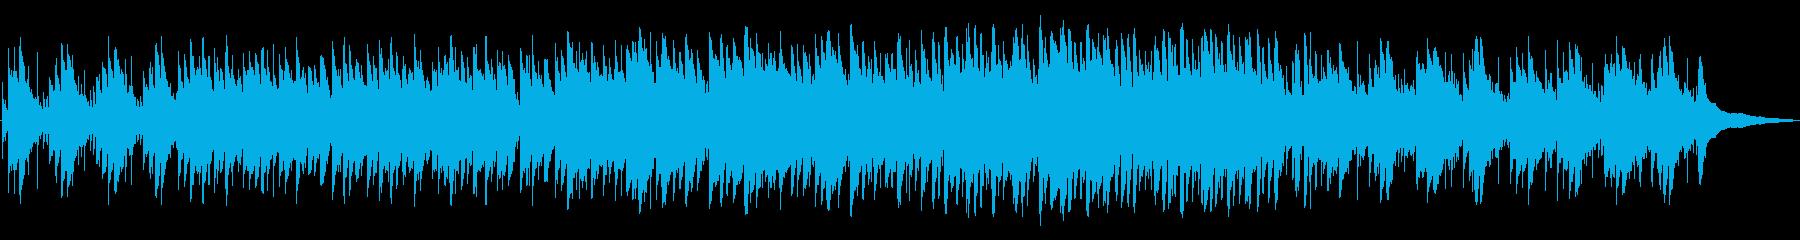 寝る前のひとときにぴったりなサウンドの再生済みの波形